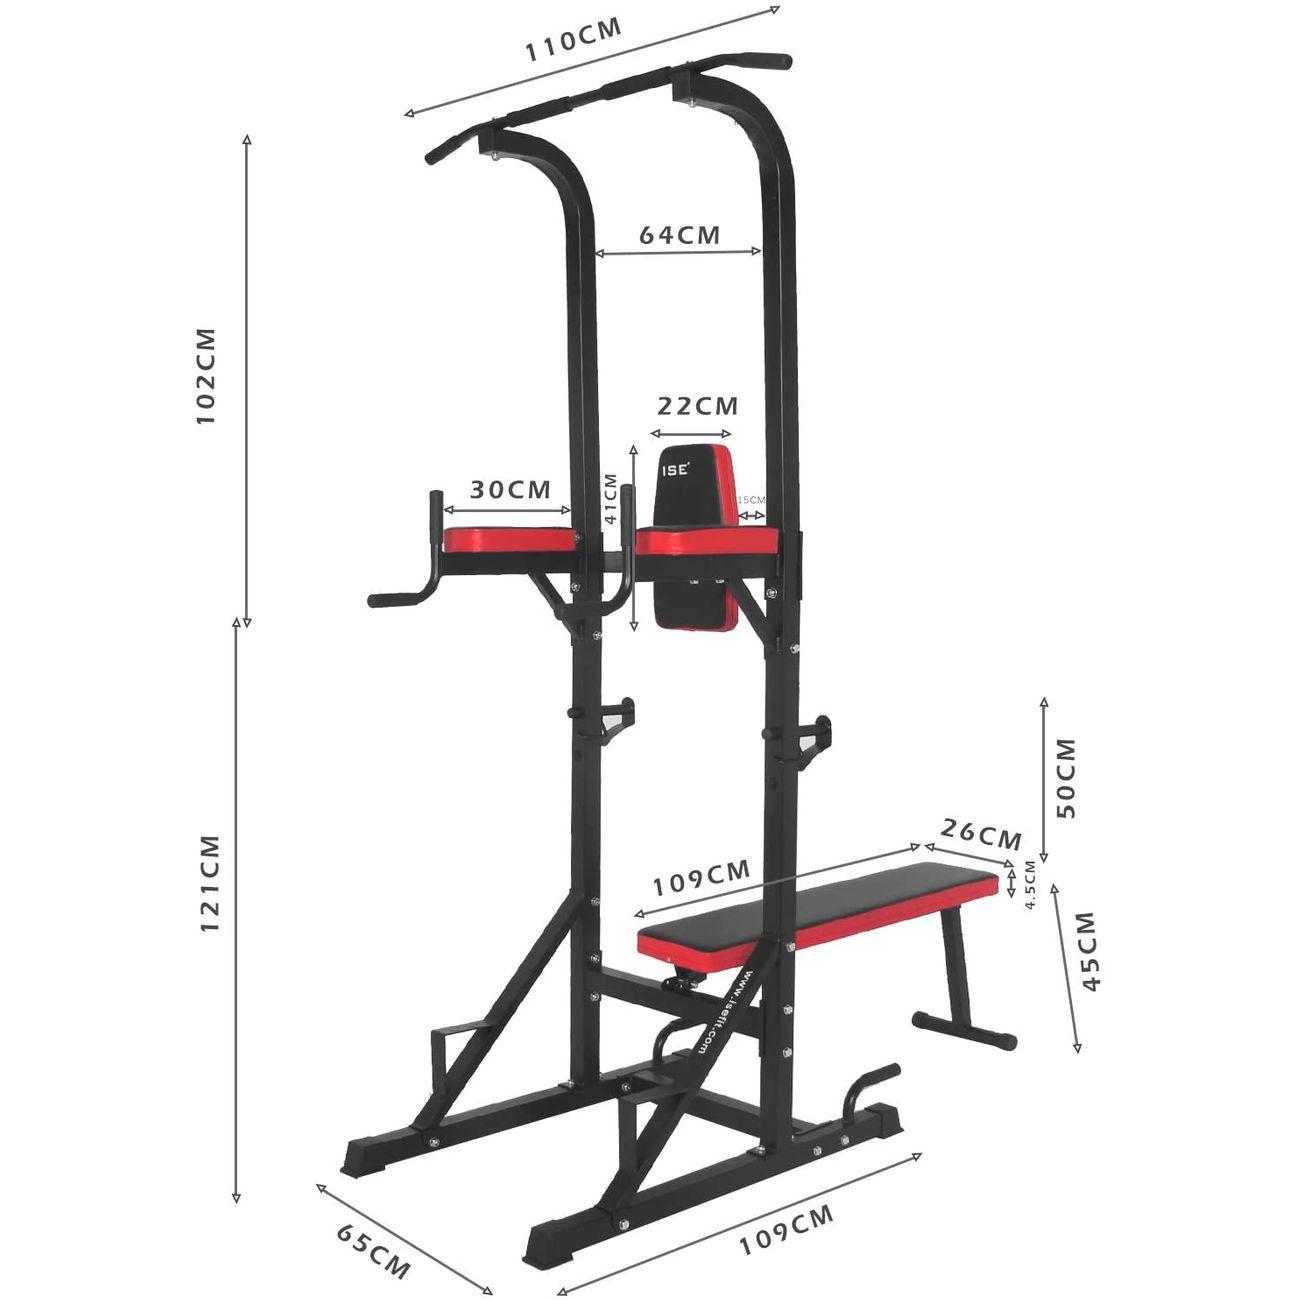 Musculation  ISE ISE Chaise Romaine Multifonction Barre de Traction Station avec Banc de Musculation pour Dips, Pompes, Développé-Couchés, SY-4006